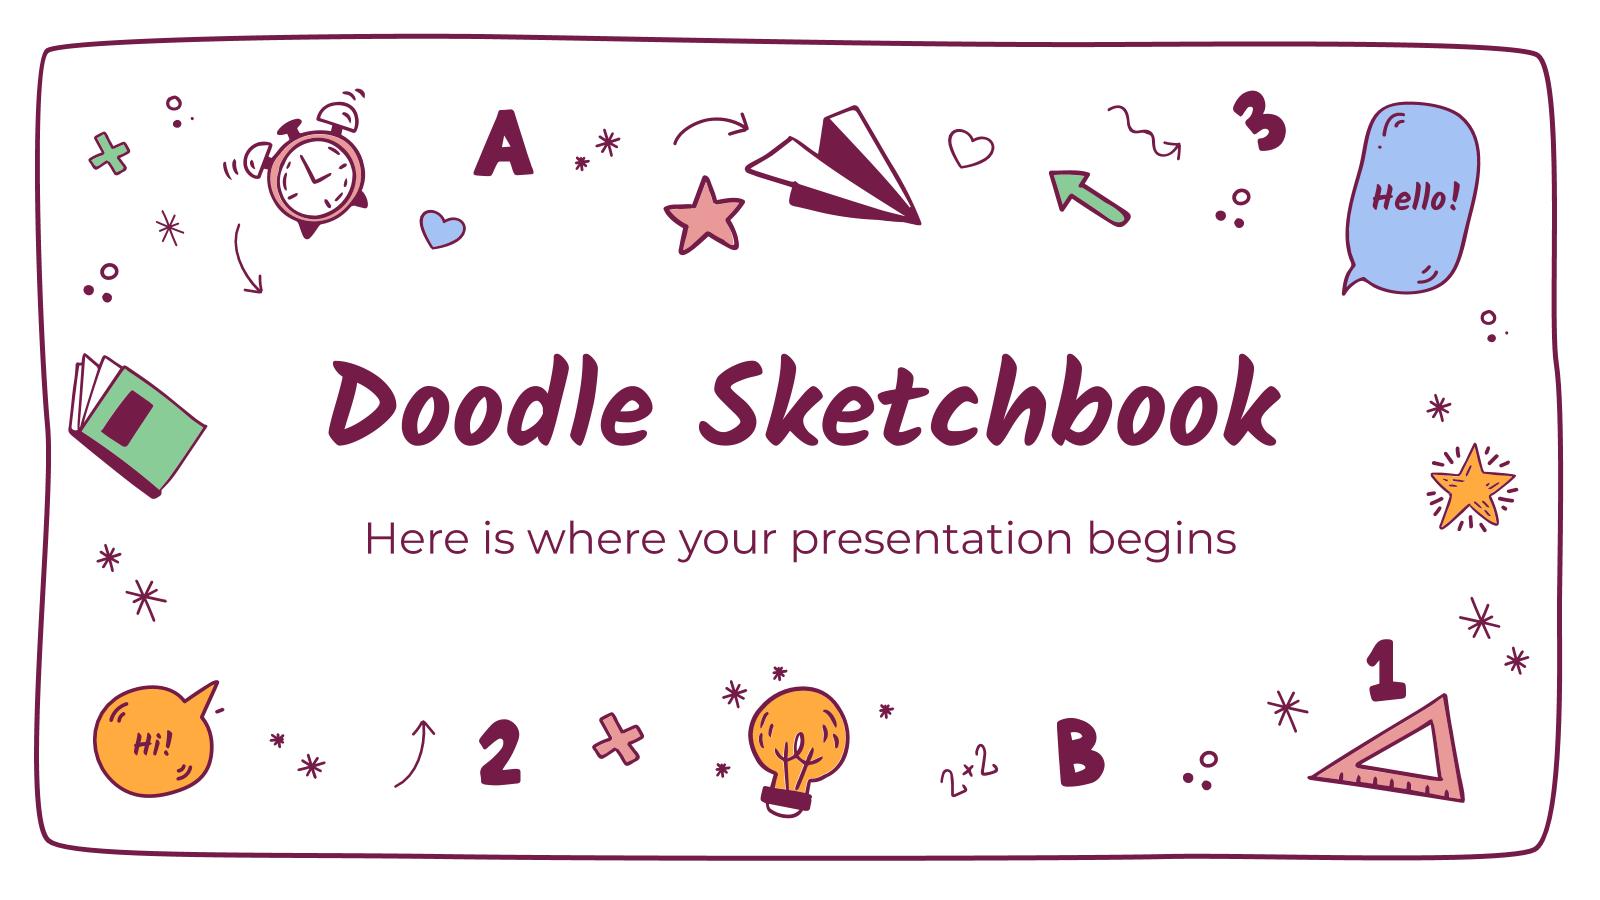 Doodle Sketchbook presentation template